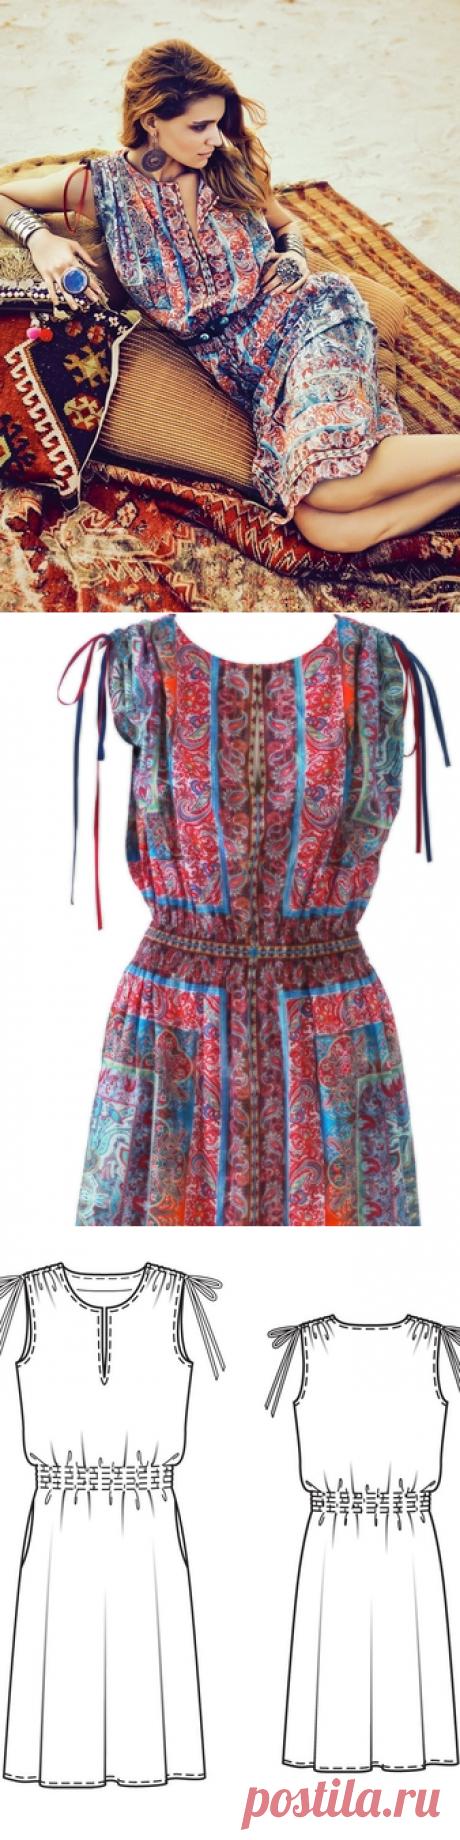 Платье с глубоким разрезом на лифе - выкройка № 127 из журнала 4/2014 Burda – выкройки платьев на Burdastyle.ru